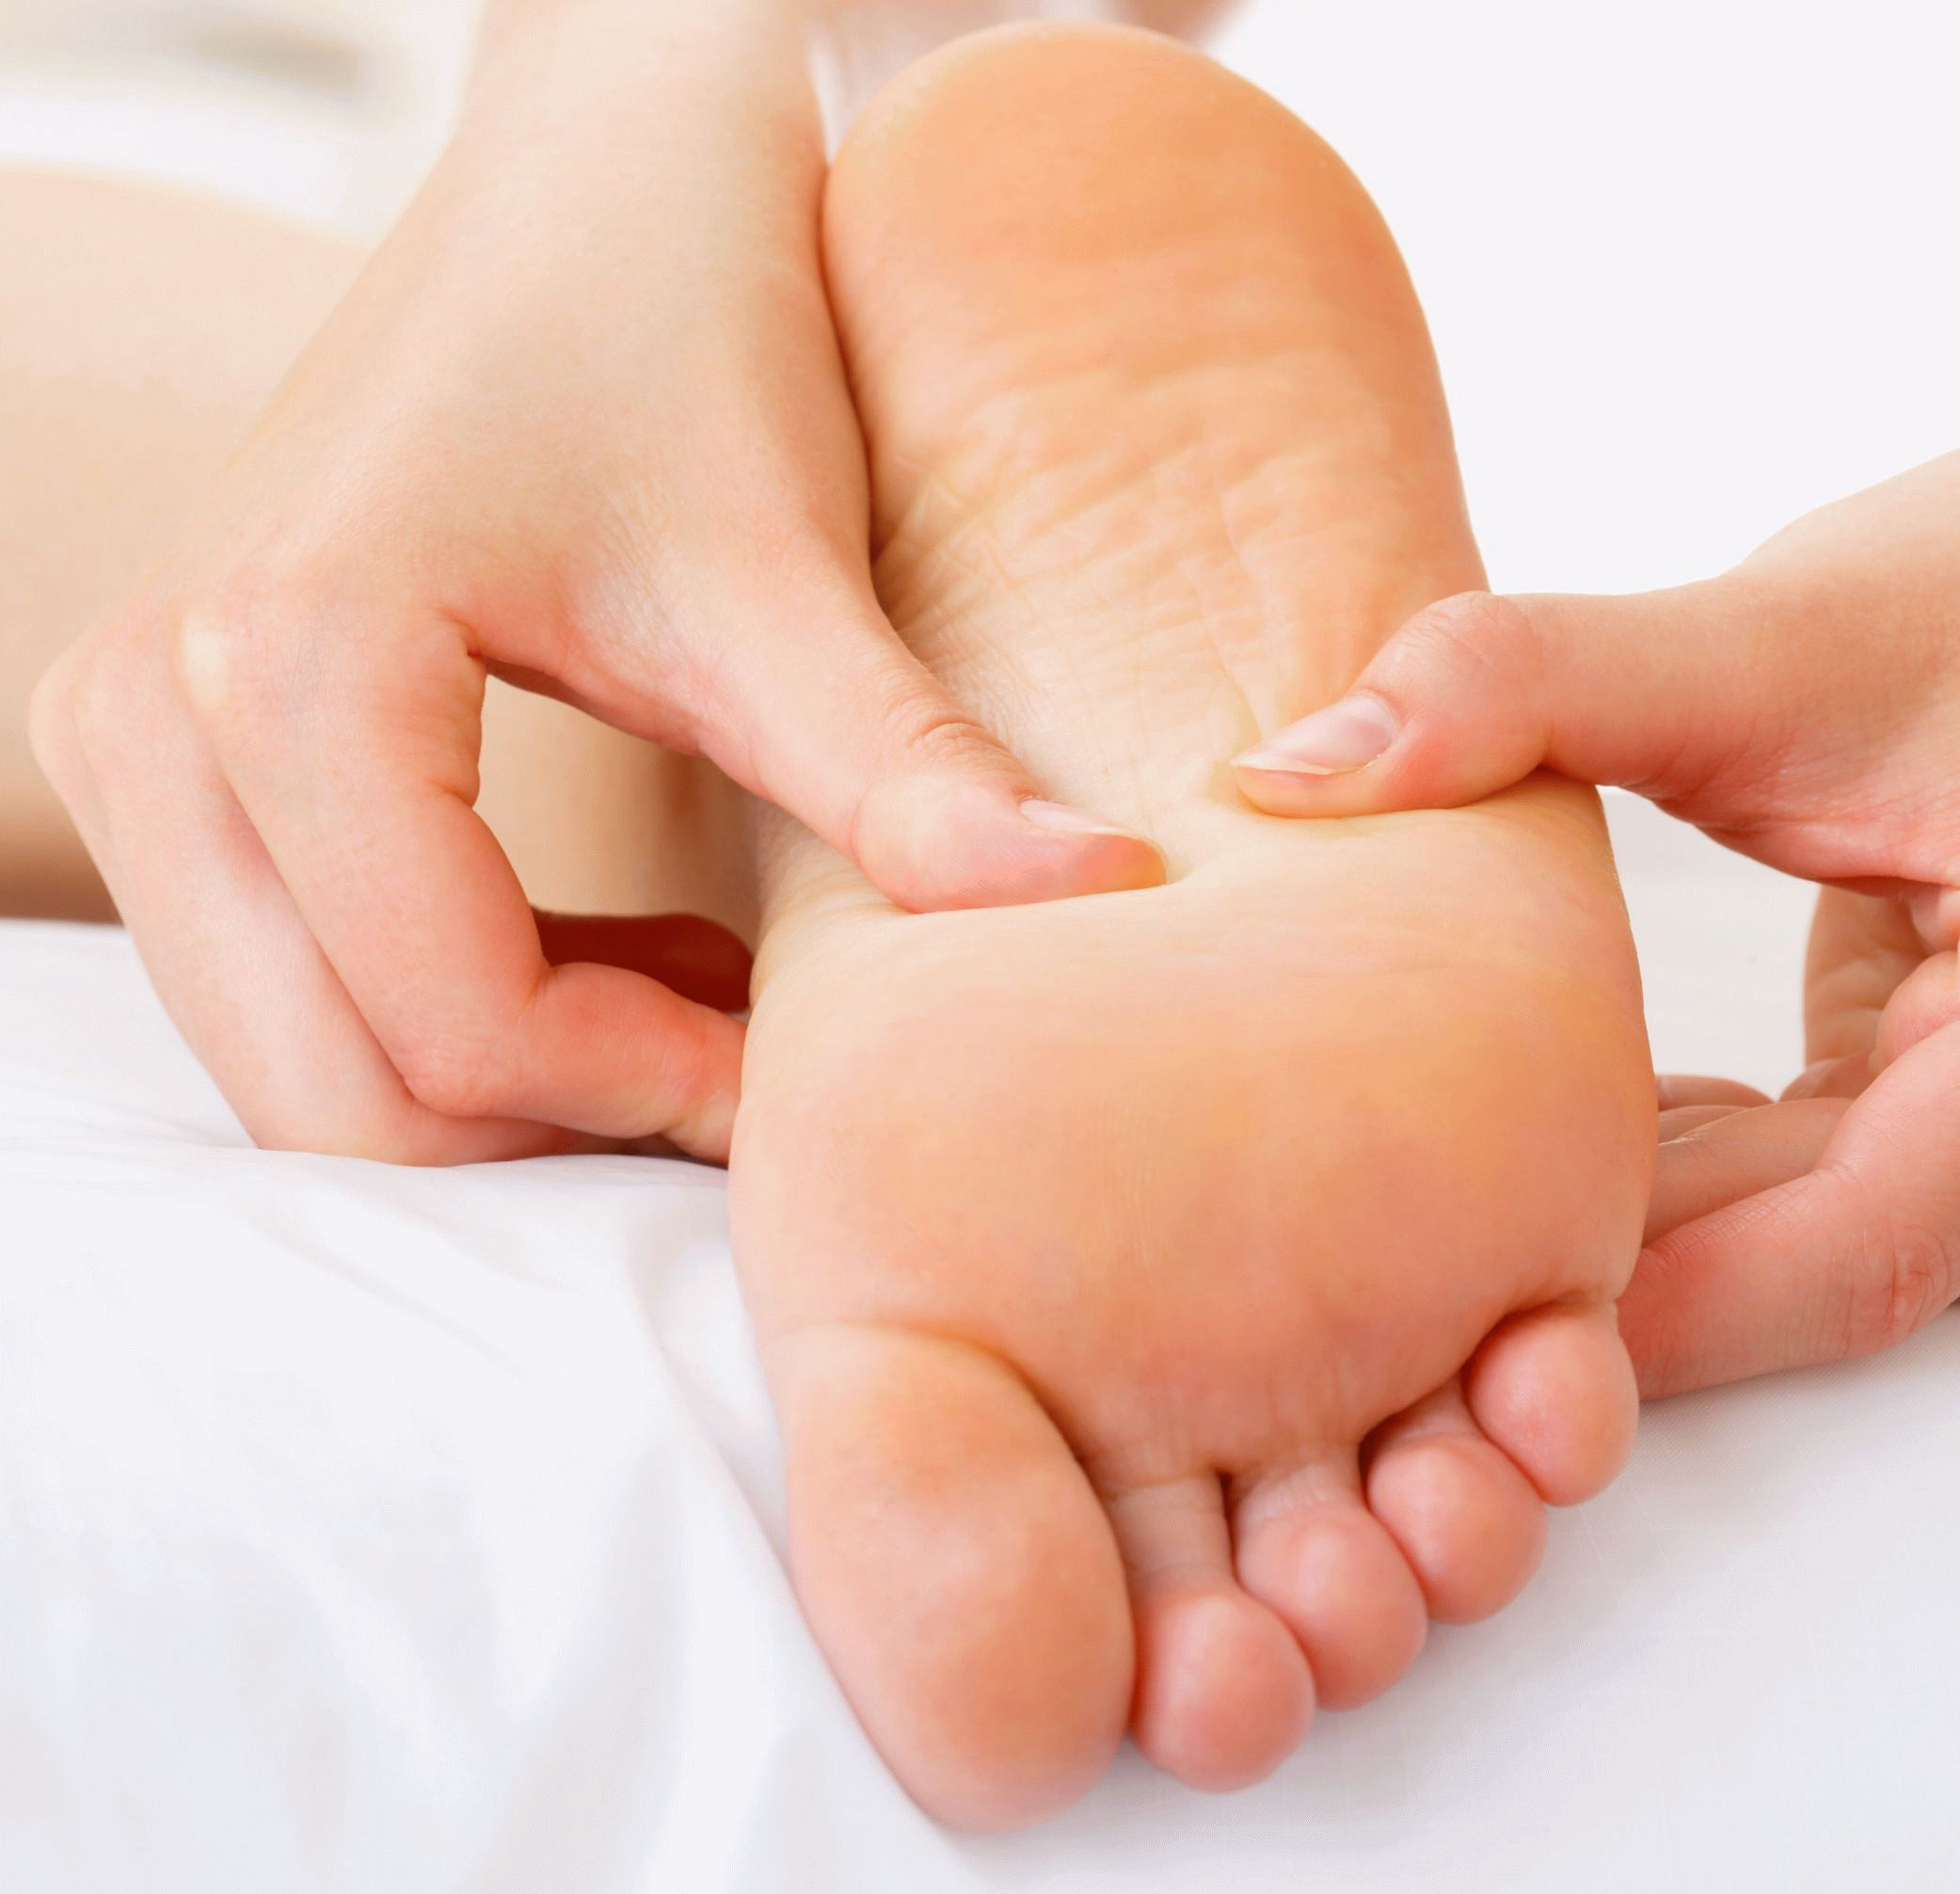 Как лечить артроз стопы в домашних условиях: вариации и рекомендации